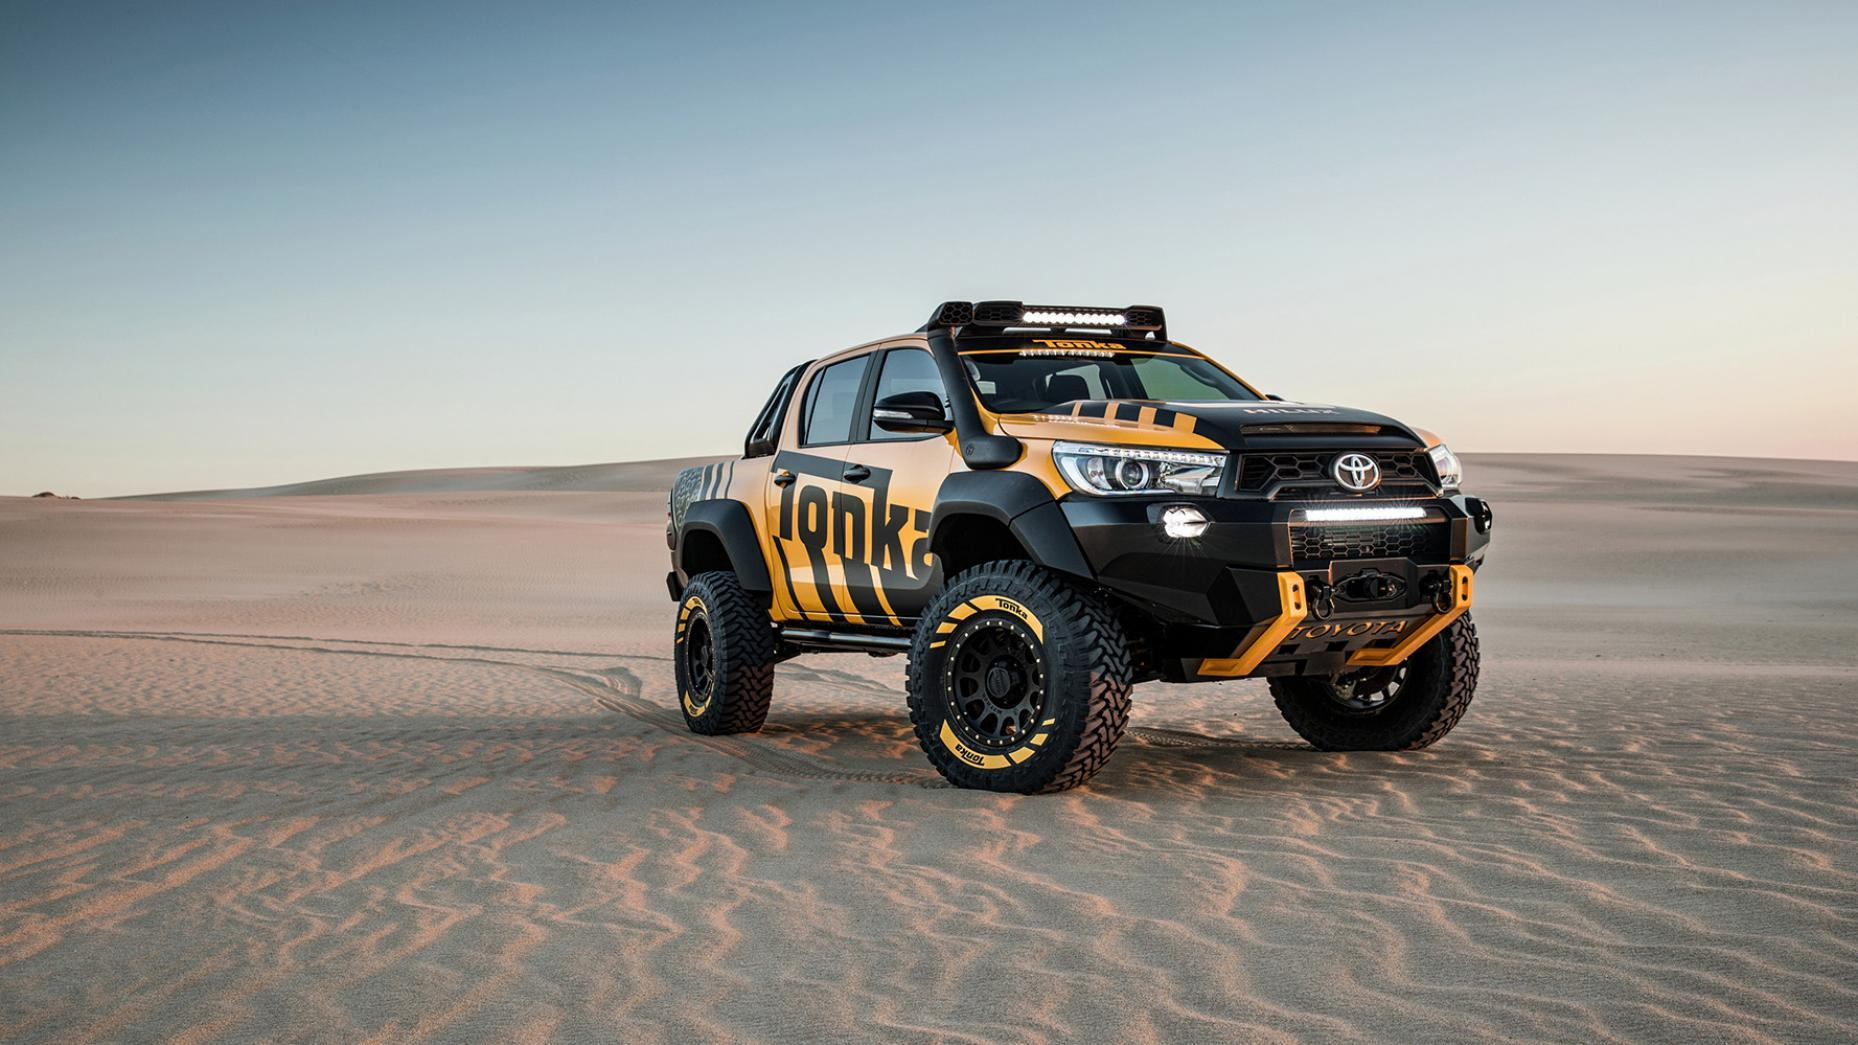 toyota tonka truck promotie auto promo 2017 speelgoed (1)